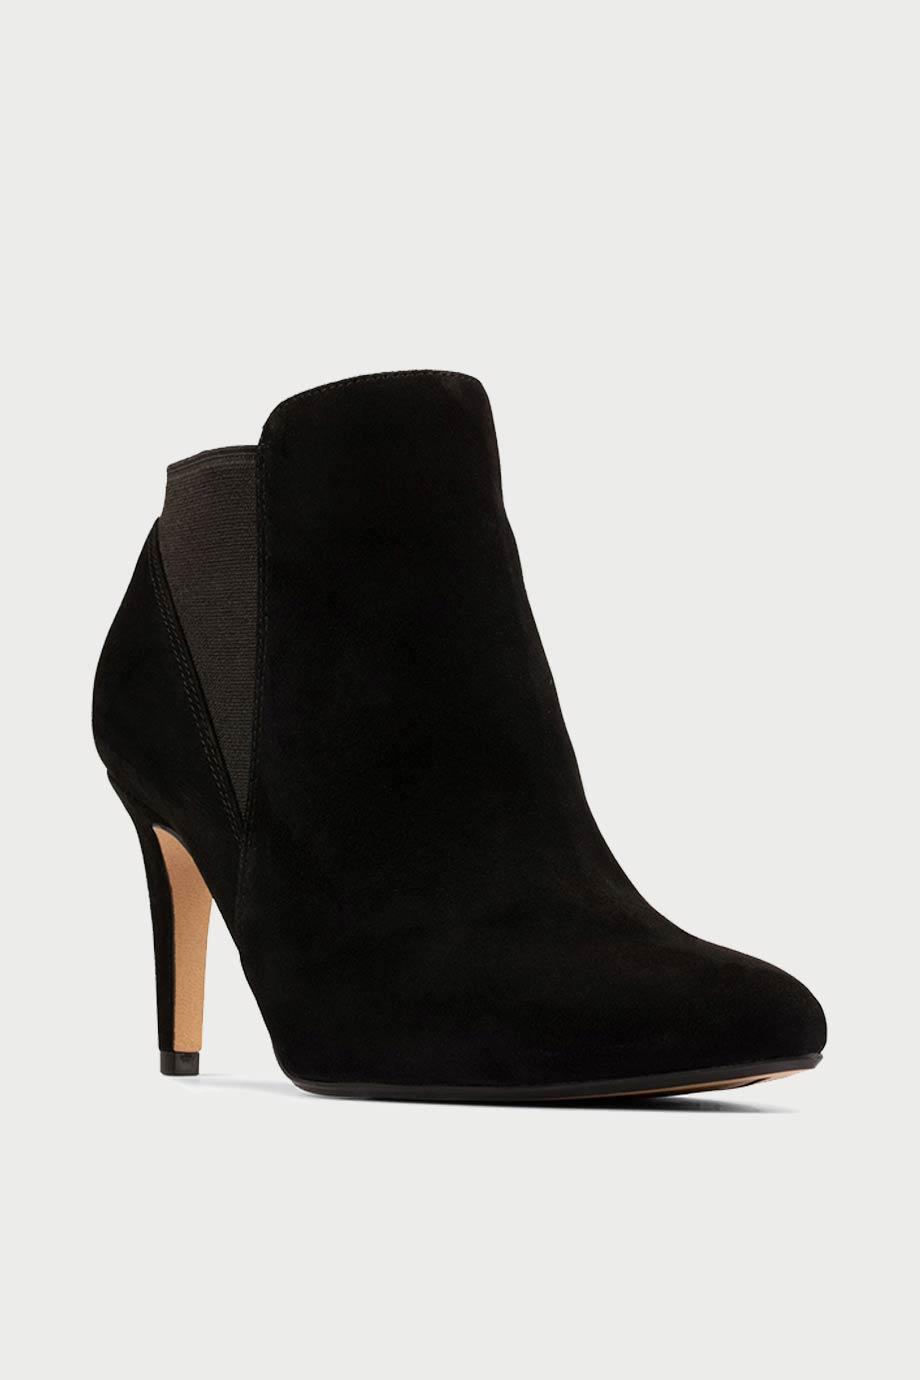 spiridoula metheniti shoes xalkida p laina violet black suede clarks 6